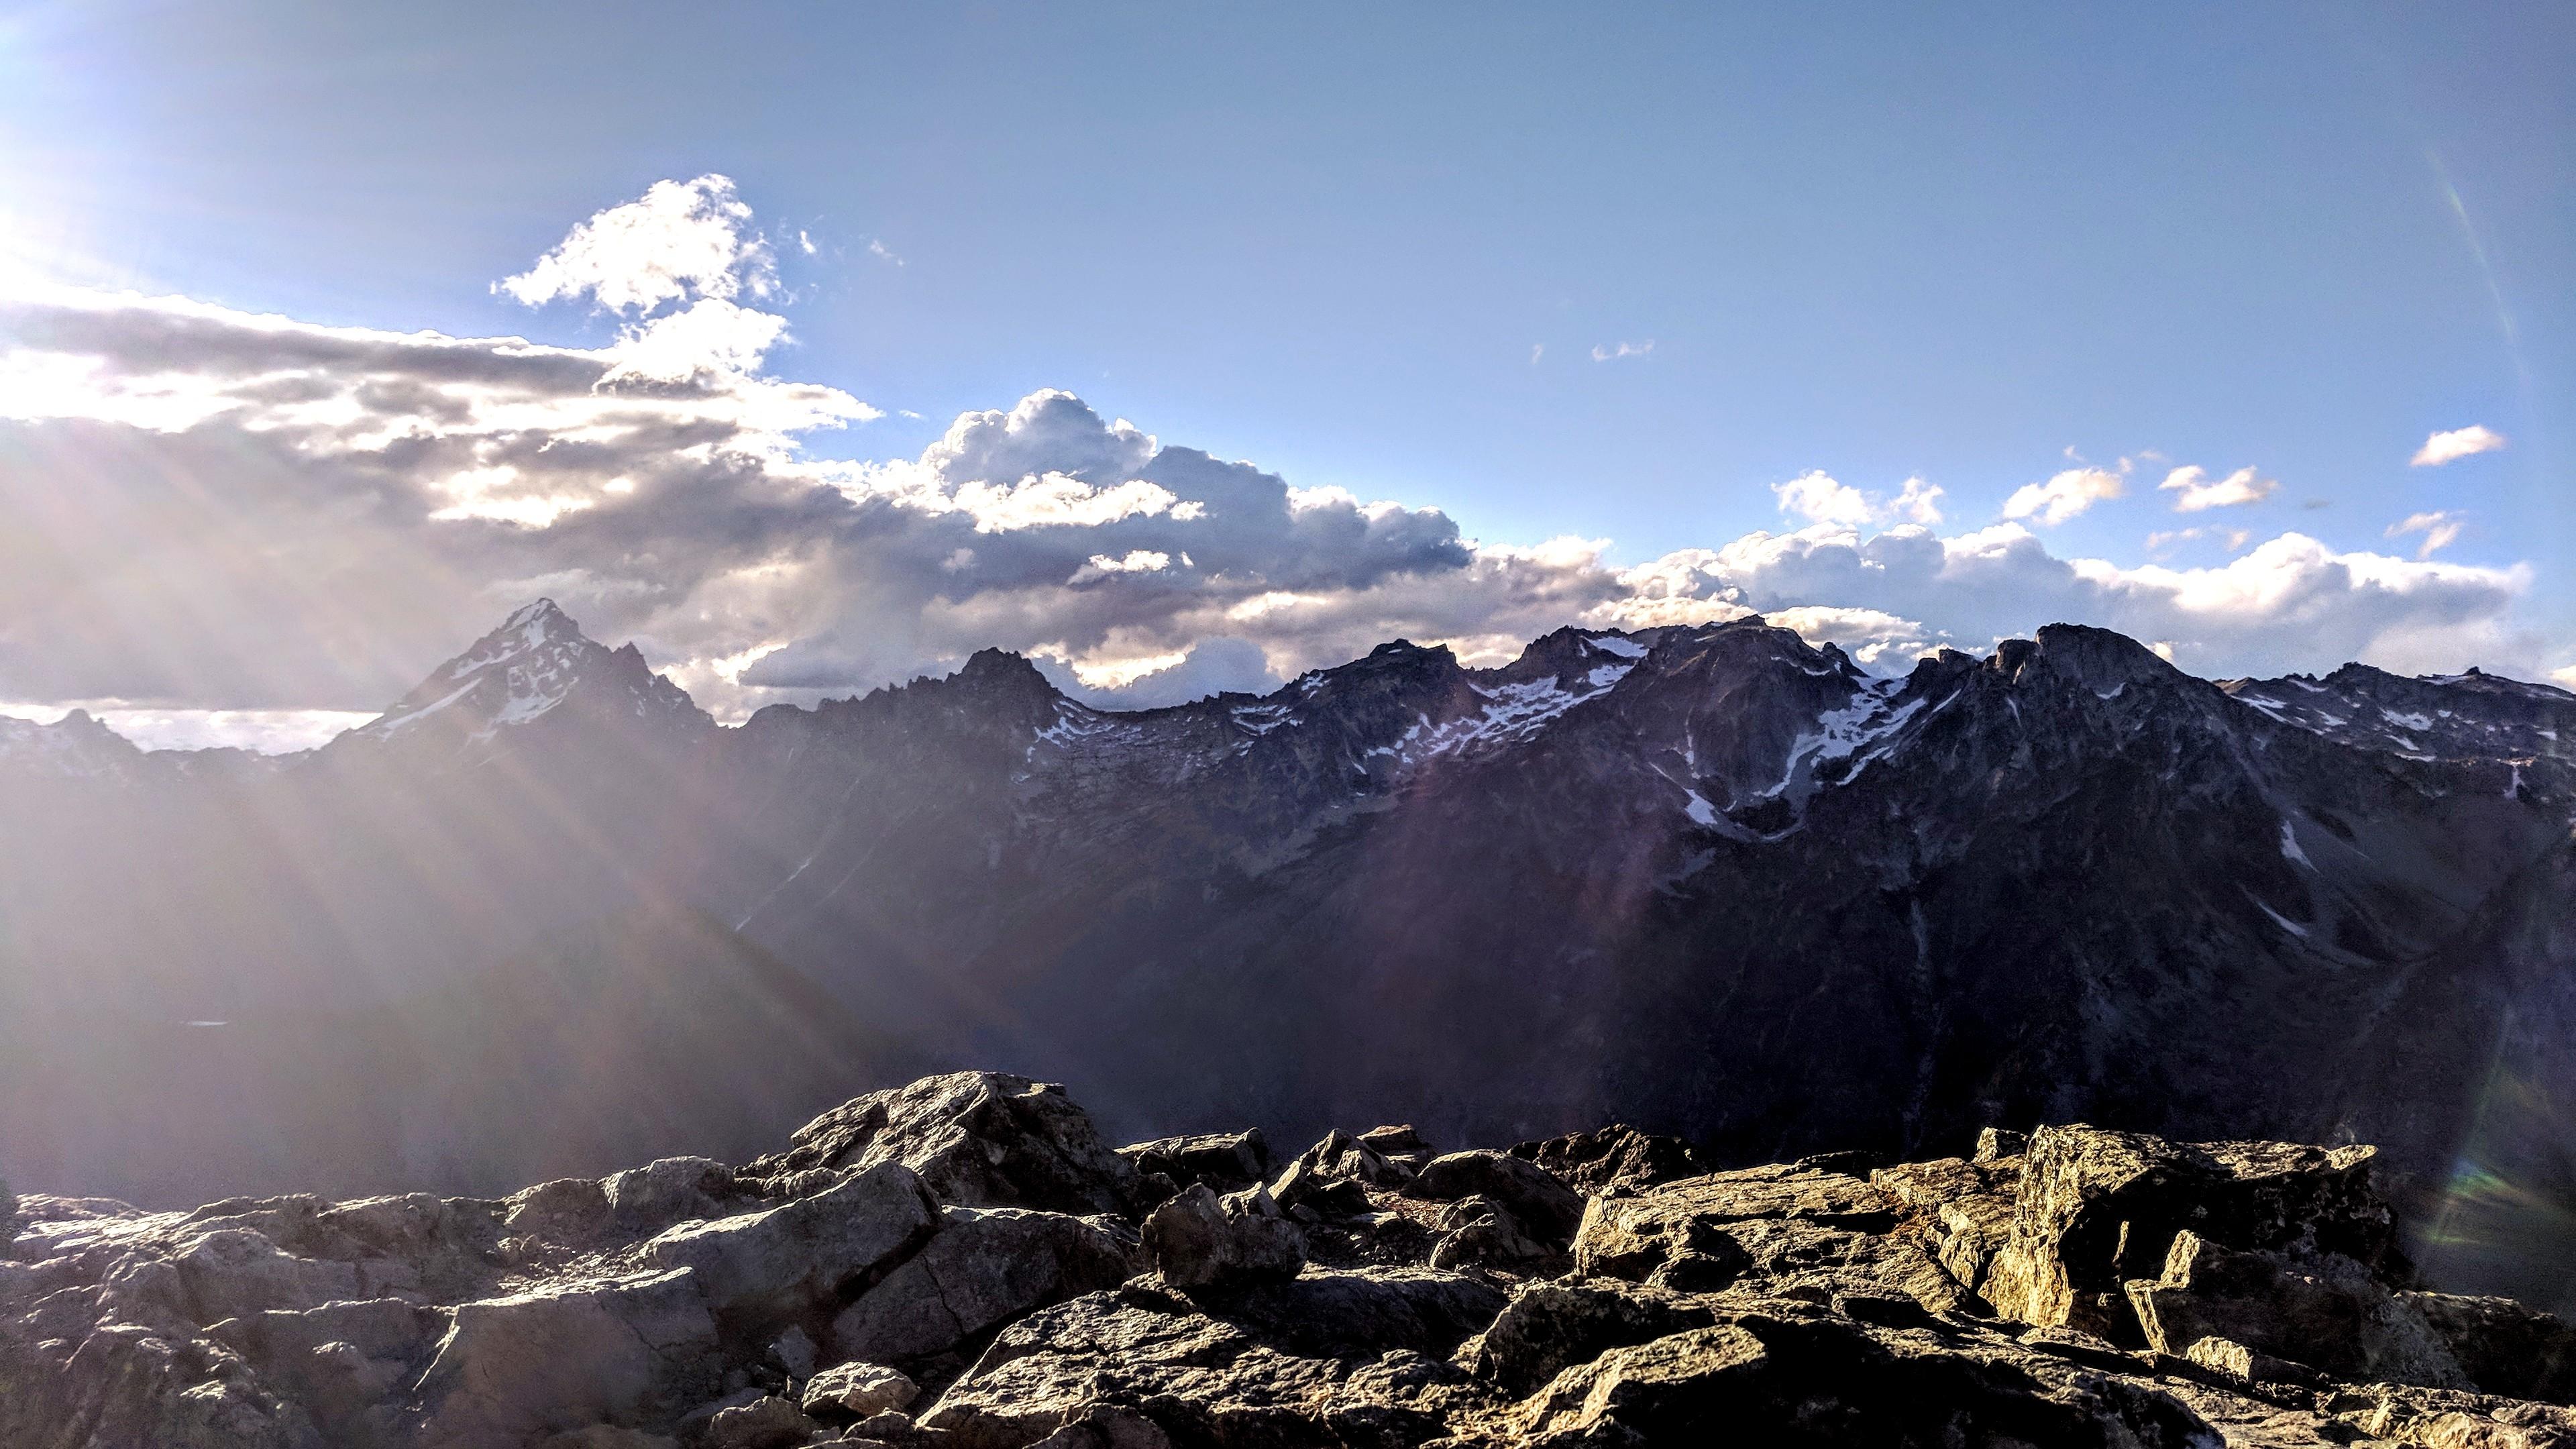 training-pct-summit-navaho-peak